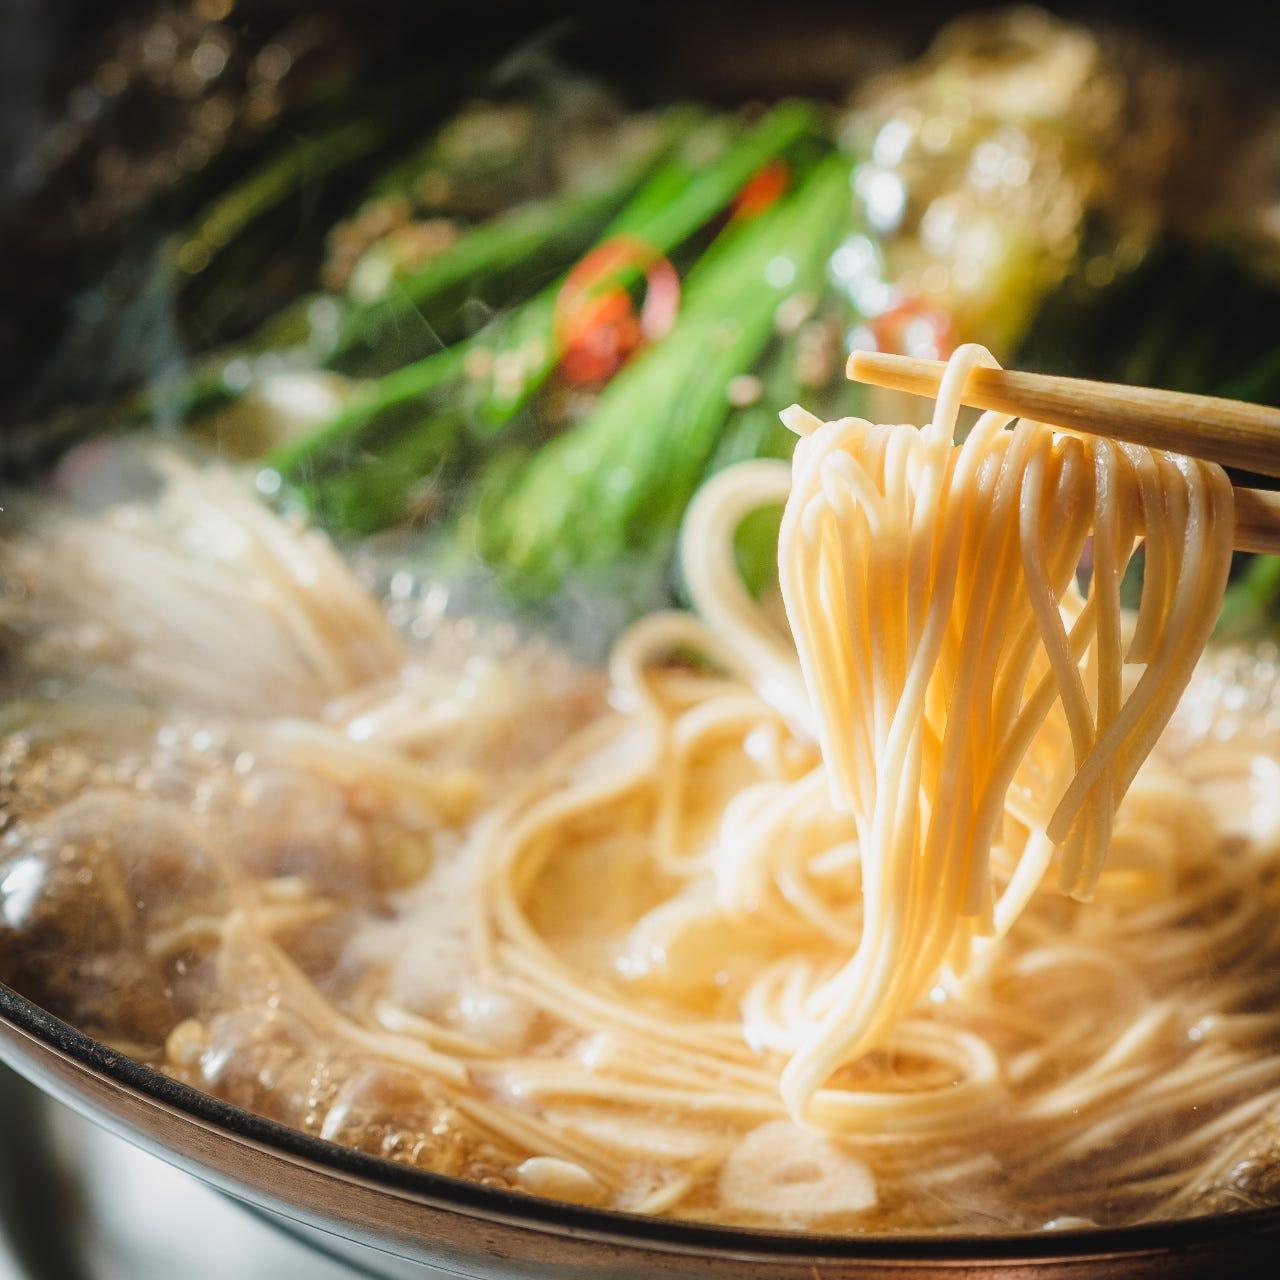 旨味がたっぷりのスープに合うこだわりの具材をご用意。